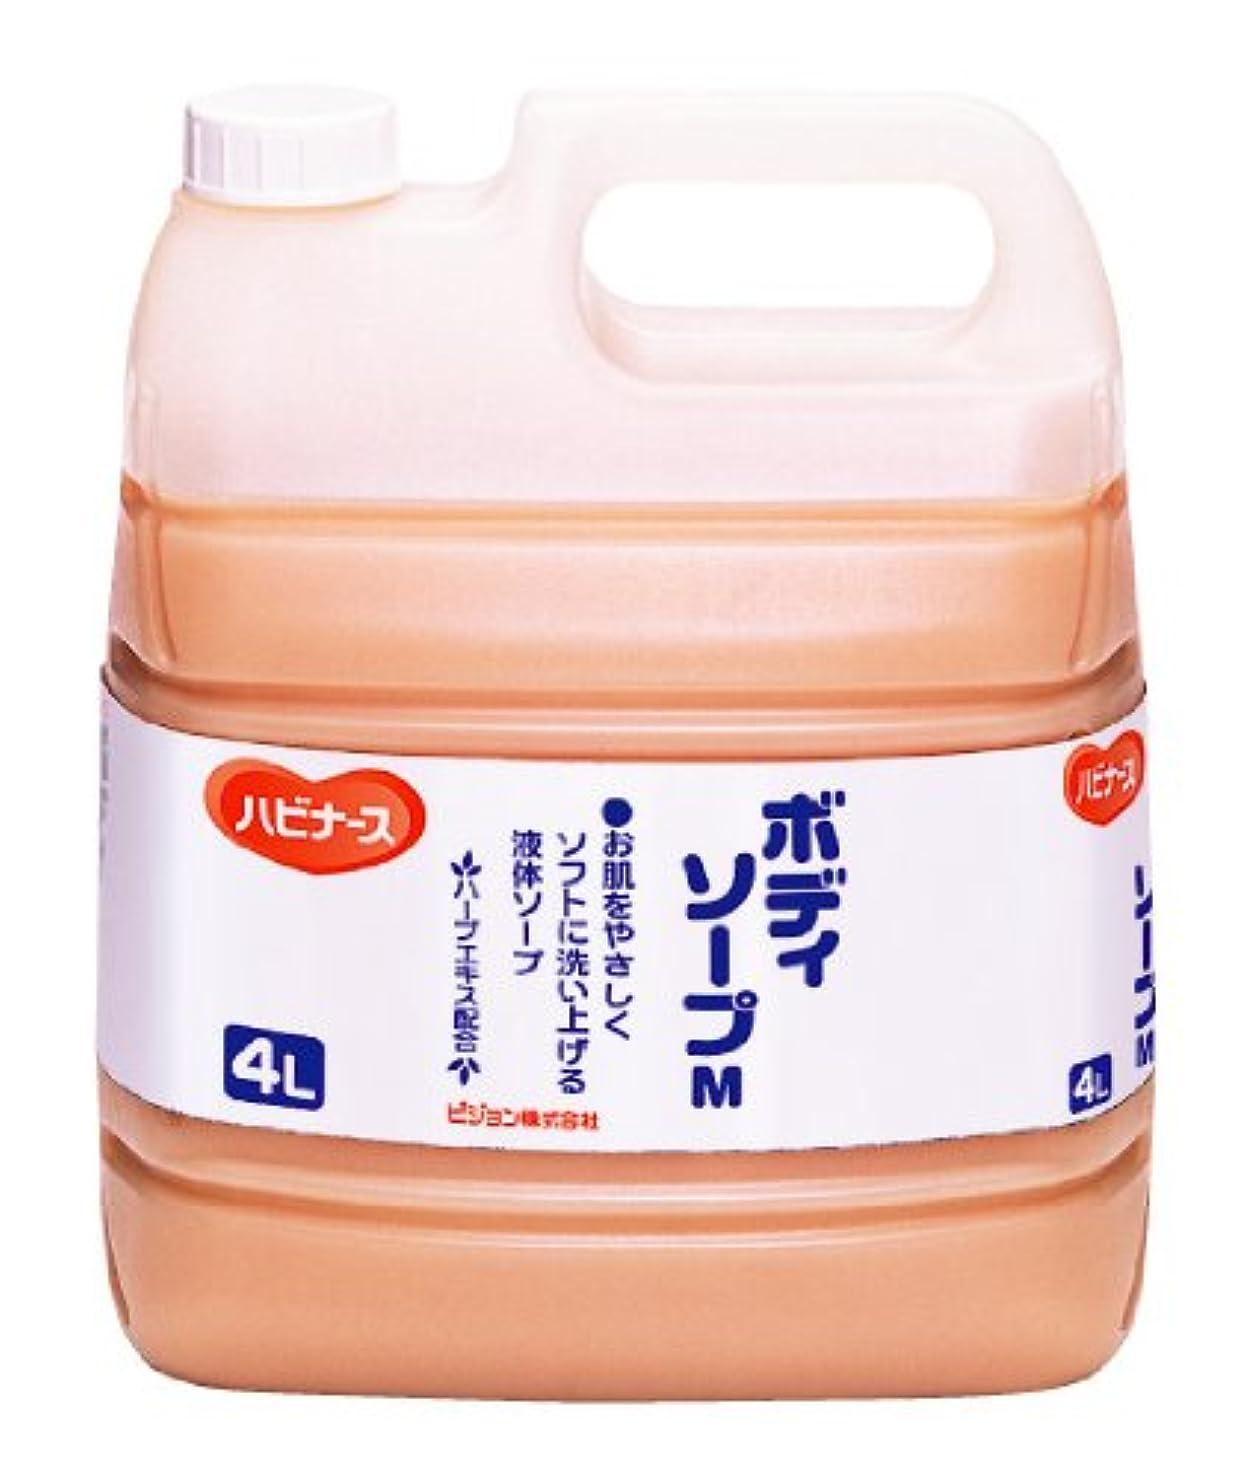 恨みロータリー経過ハビナース ボディソープ 4L [業務用]